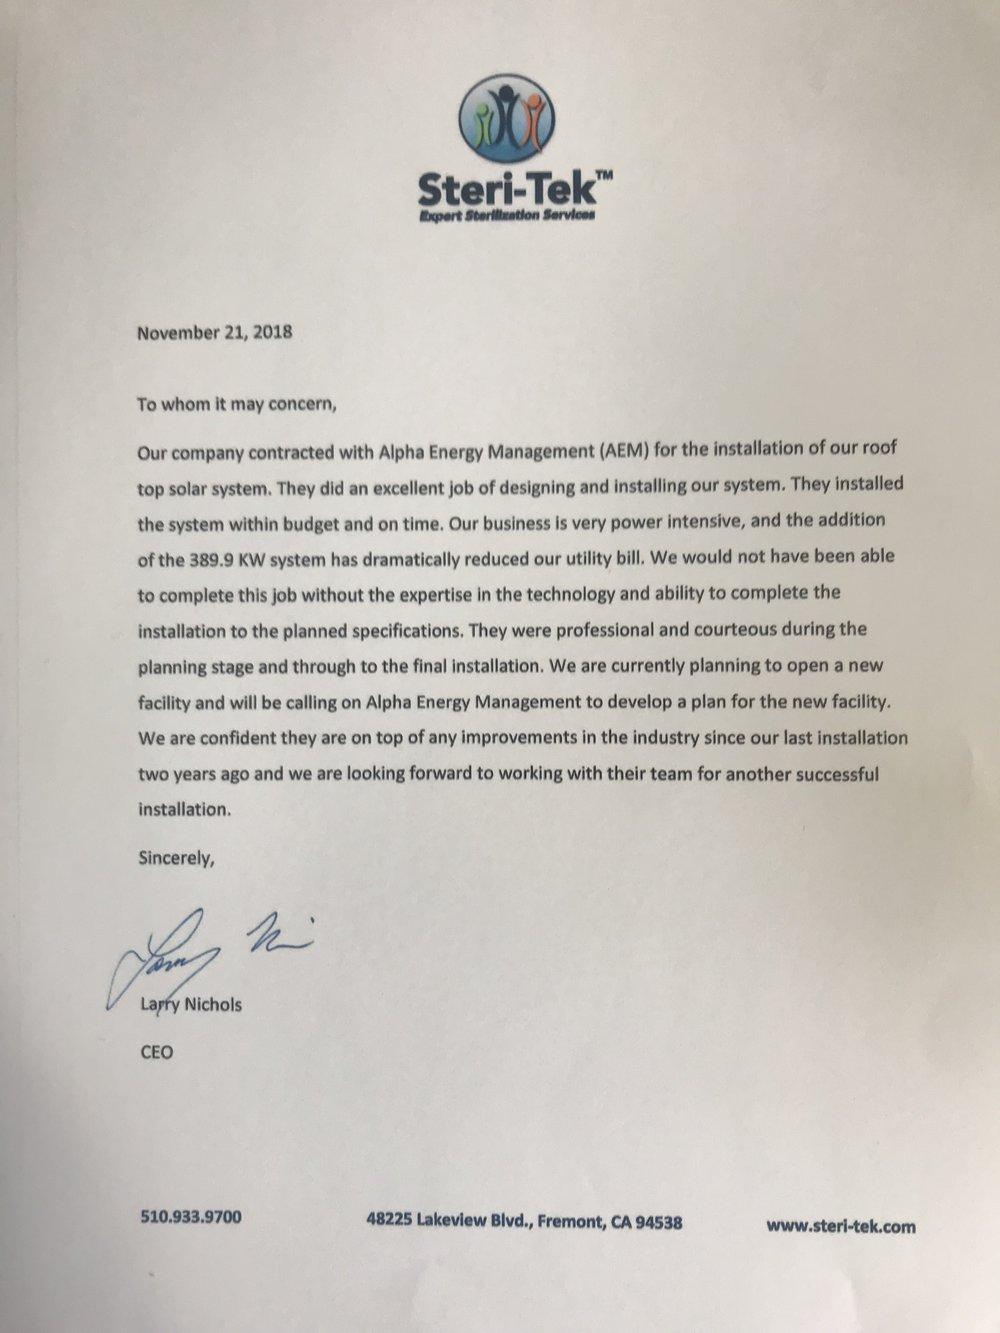 Steri-Tek Testimonial Letter Signed .jpg